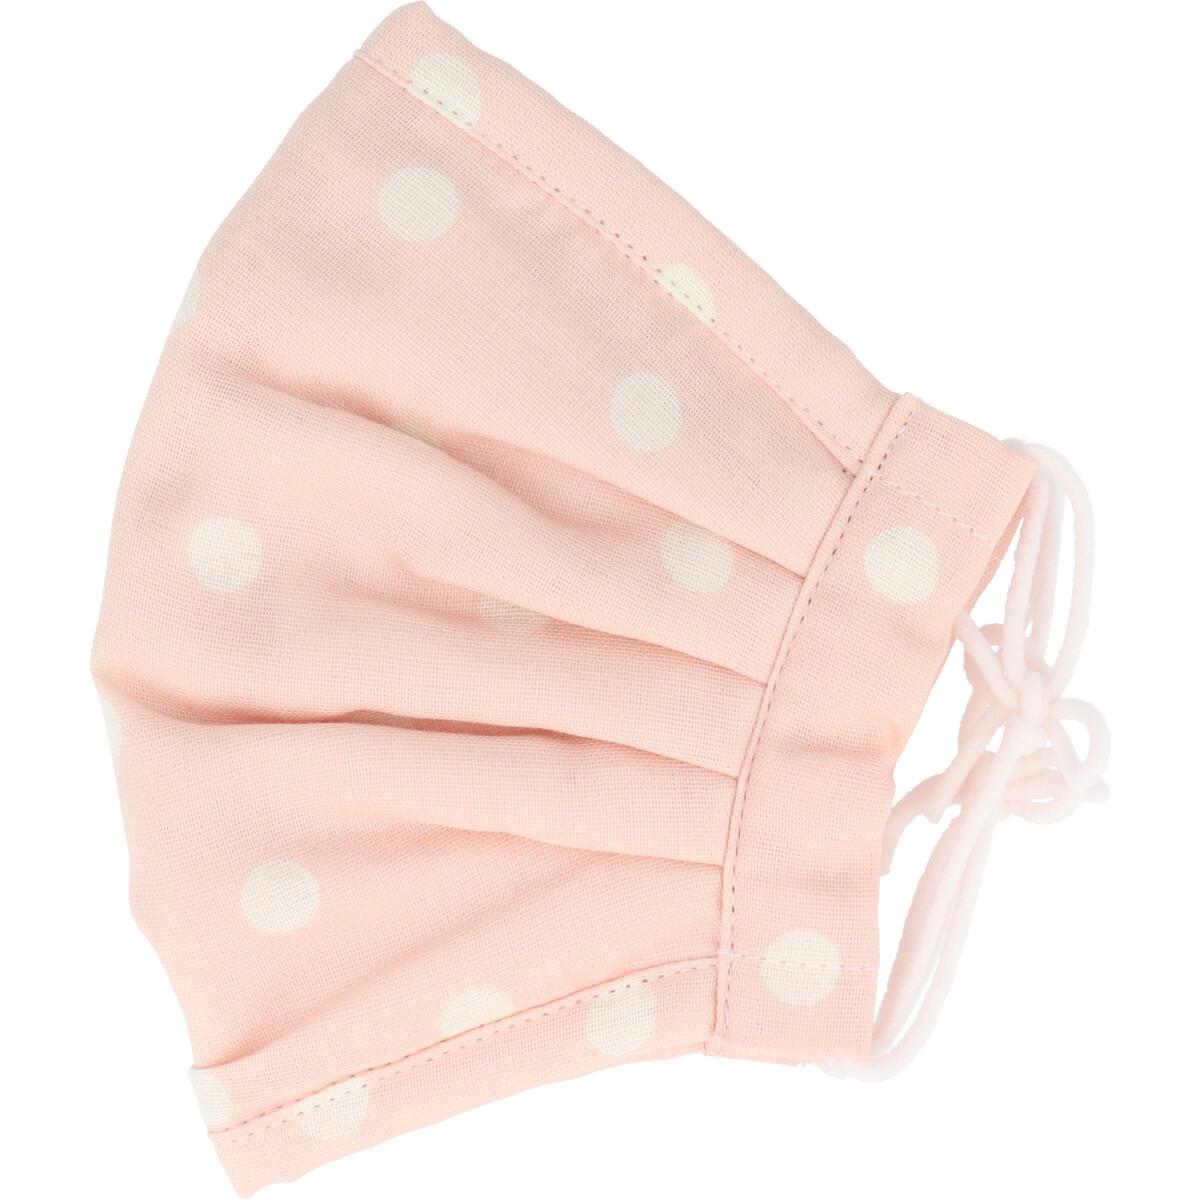 ふわふわマスク 今治産タオル 超敏感肌用 ピンクドット ゆったり大きめサイズ 1枚入